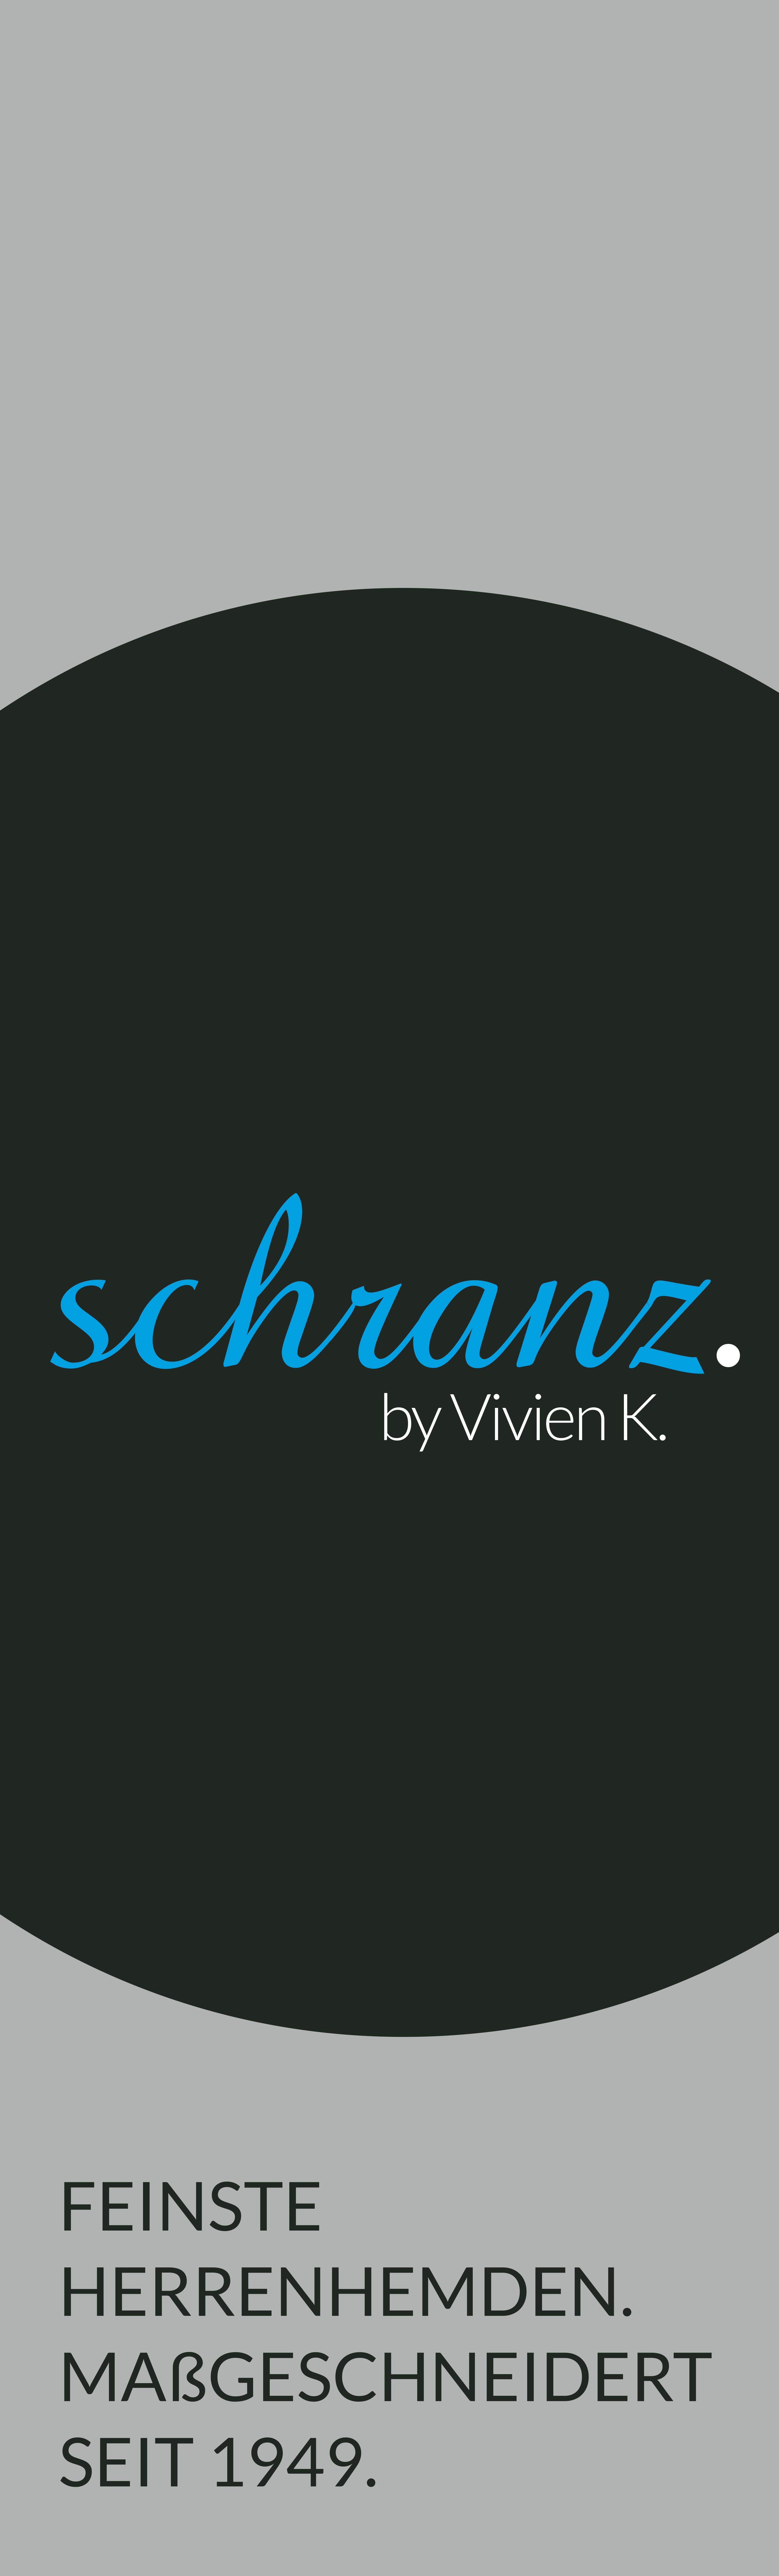 Schranz, Maßgeschneidert, Manufaktur, Münchner, Charles Schumann